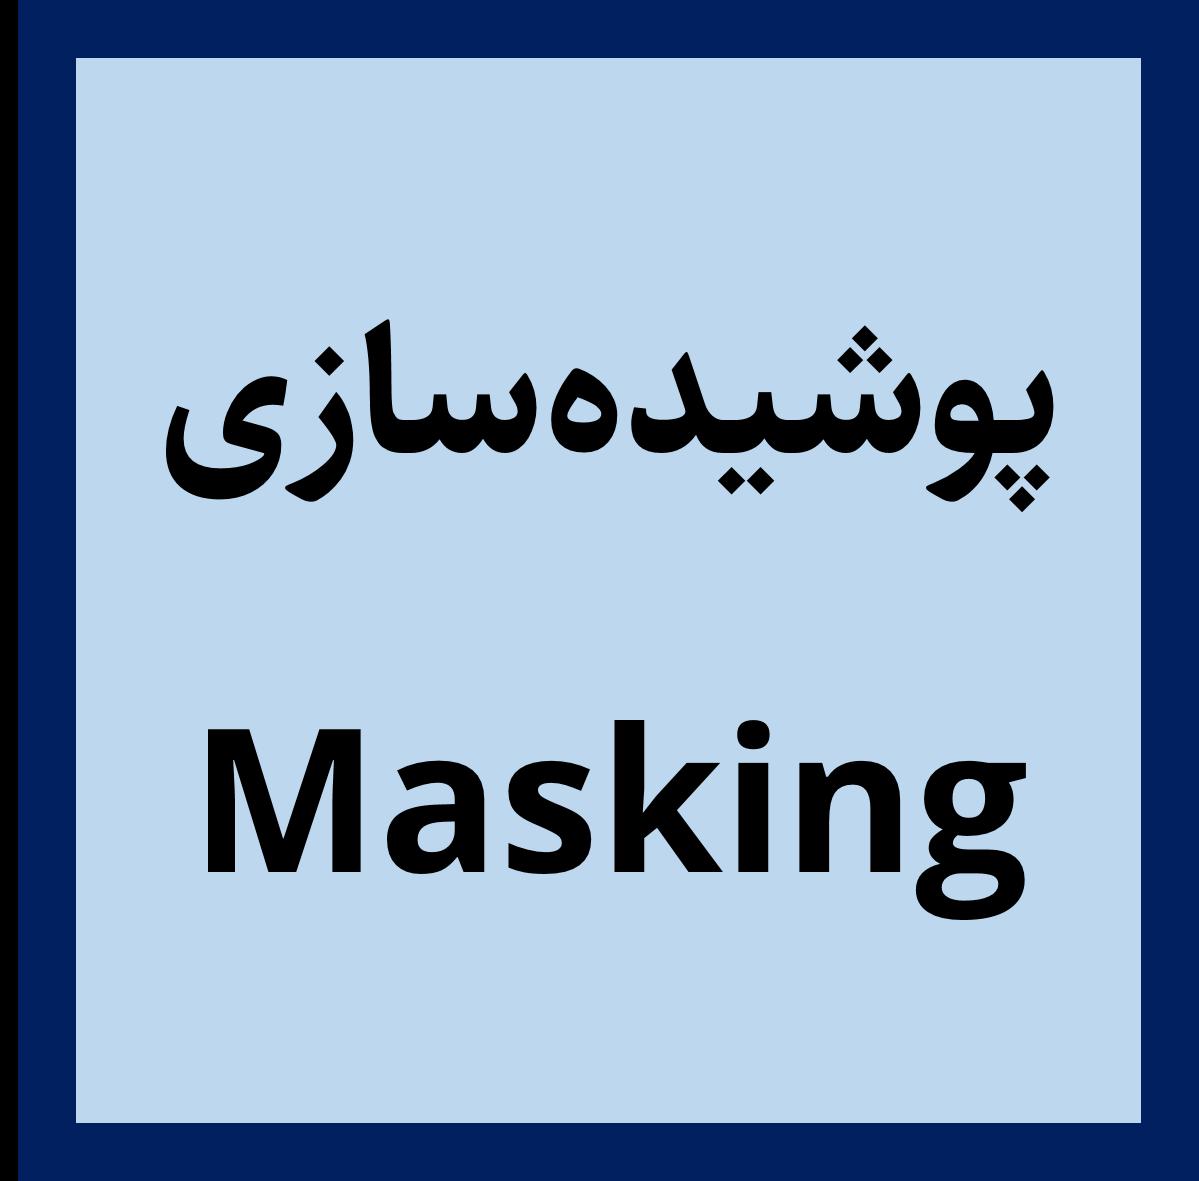 masking.png